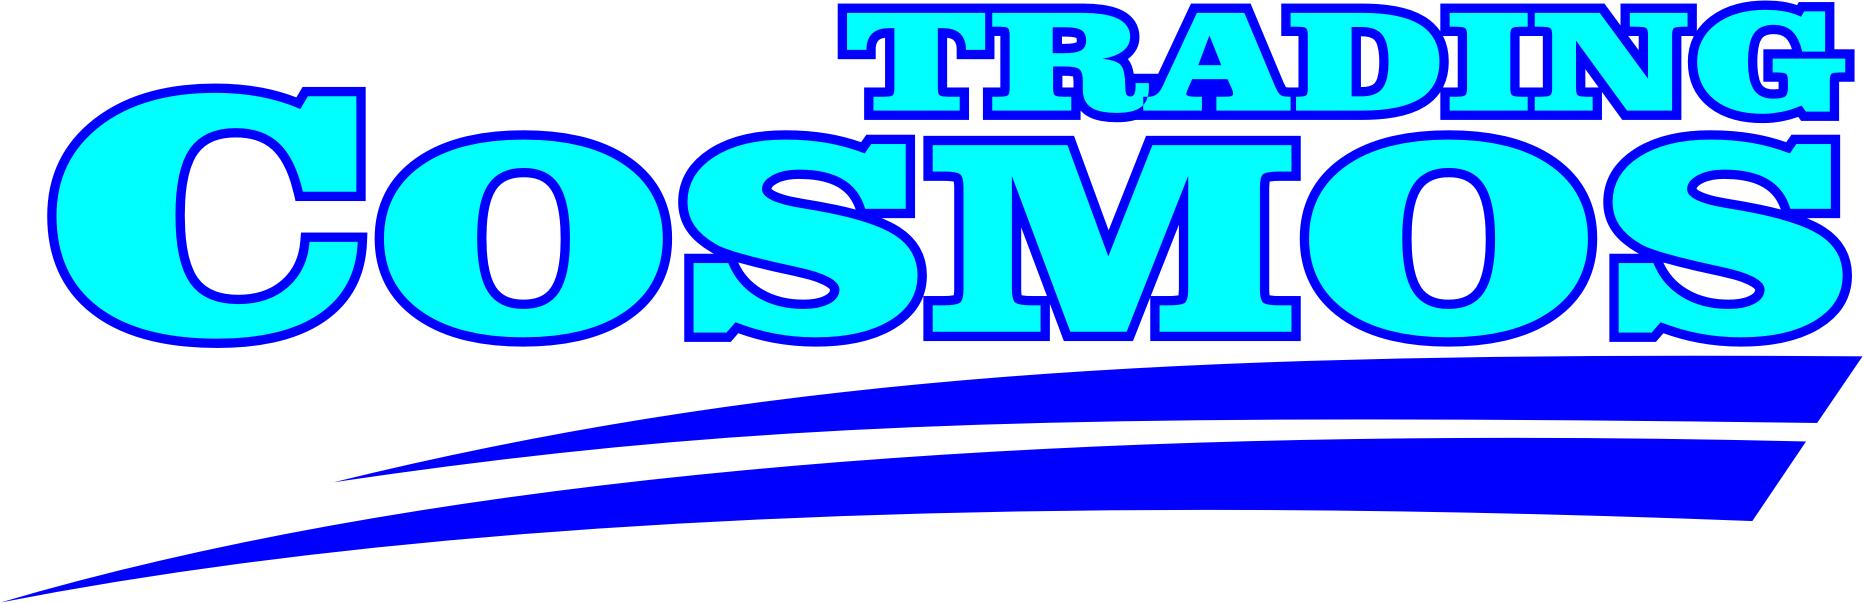 cosmos trading s.r.o.